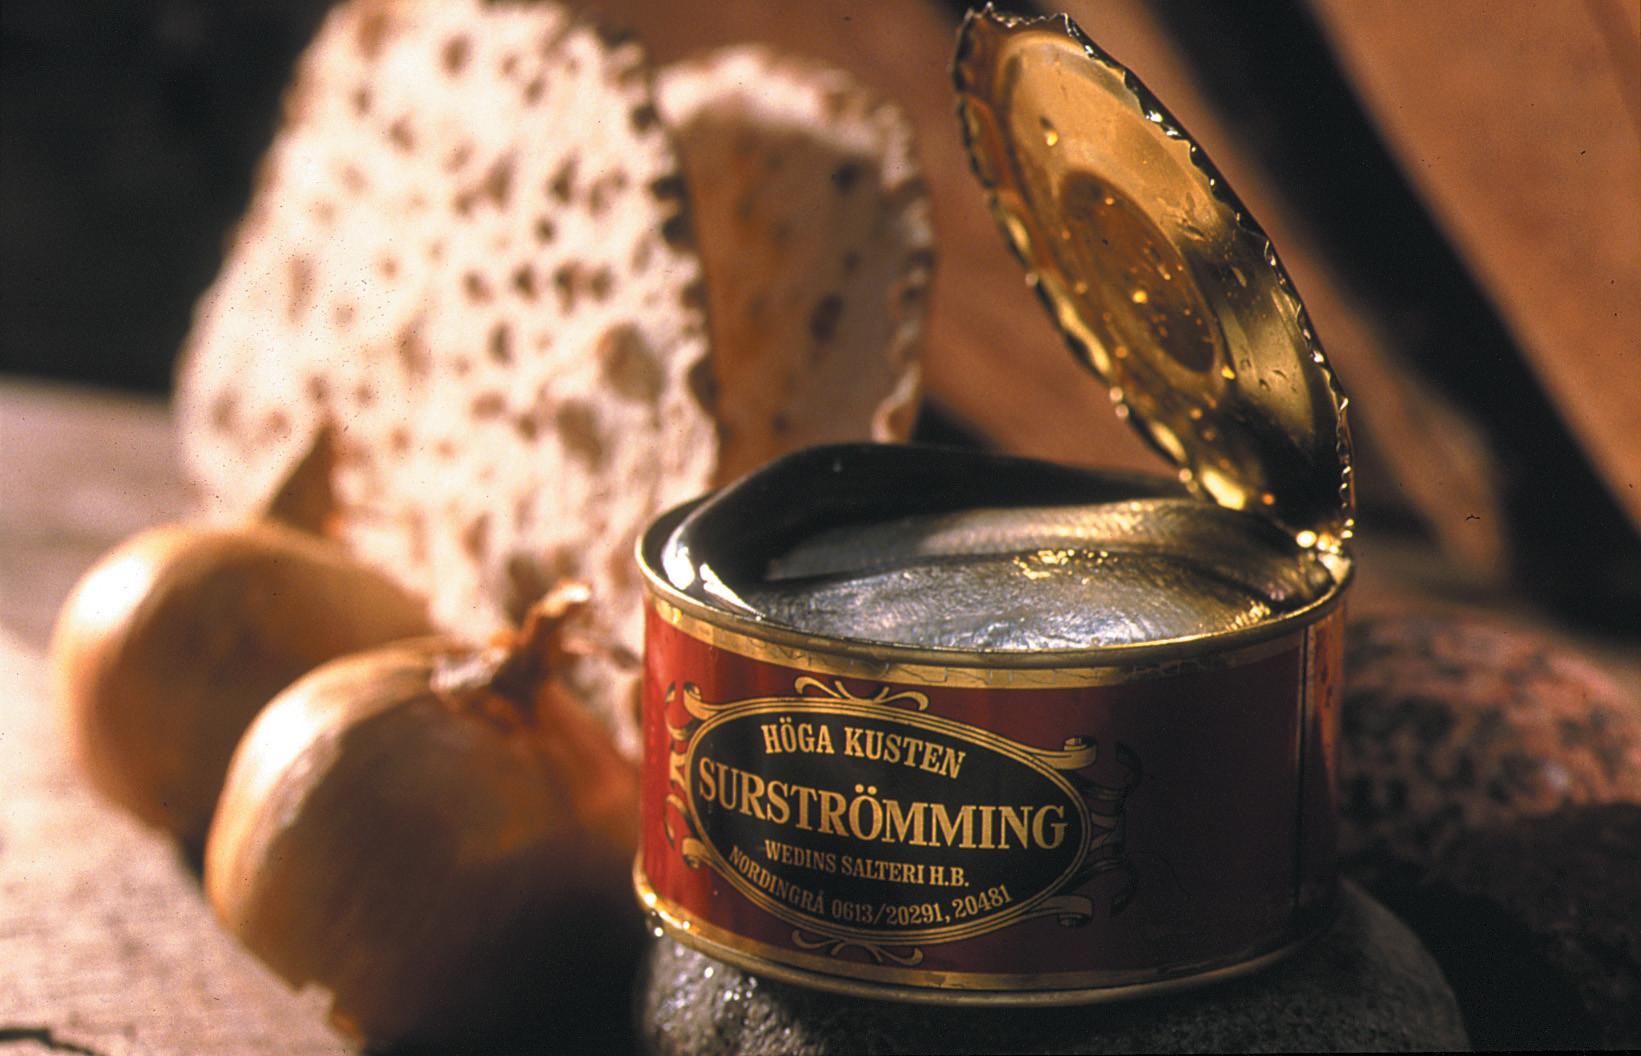 Сюрстремминг - шведский деликатес